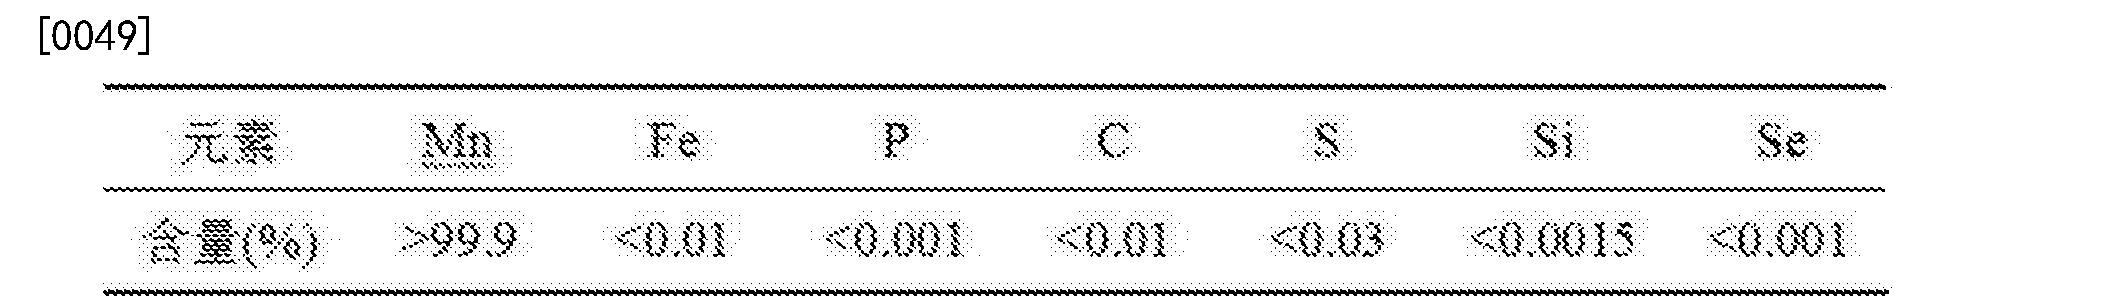 Figure CN105198000BD00081